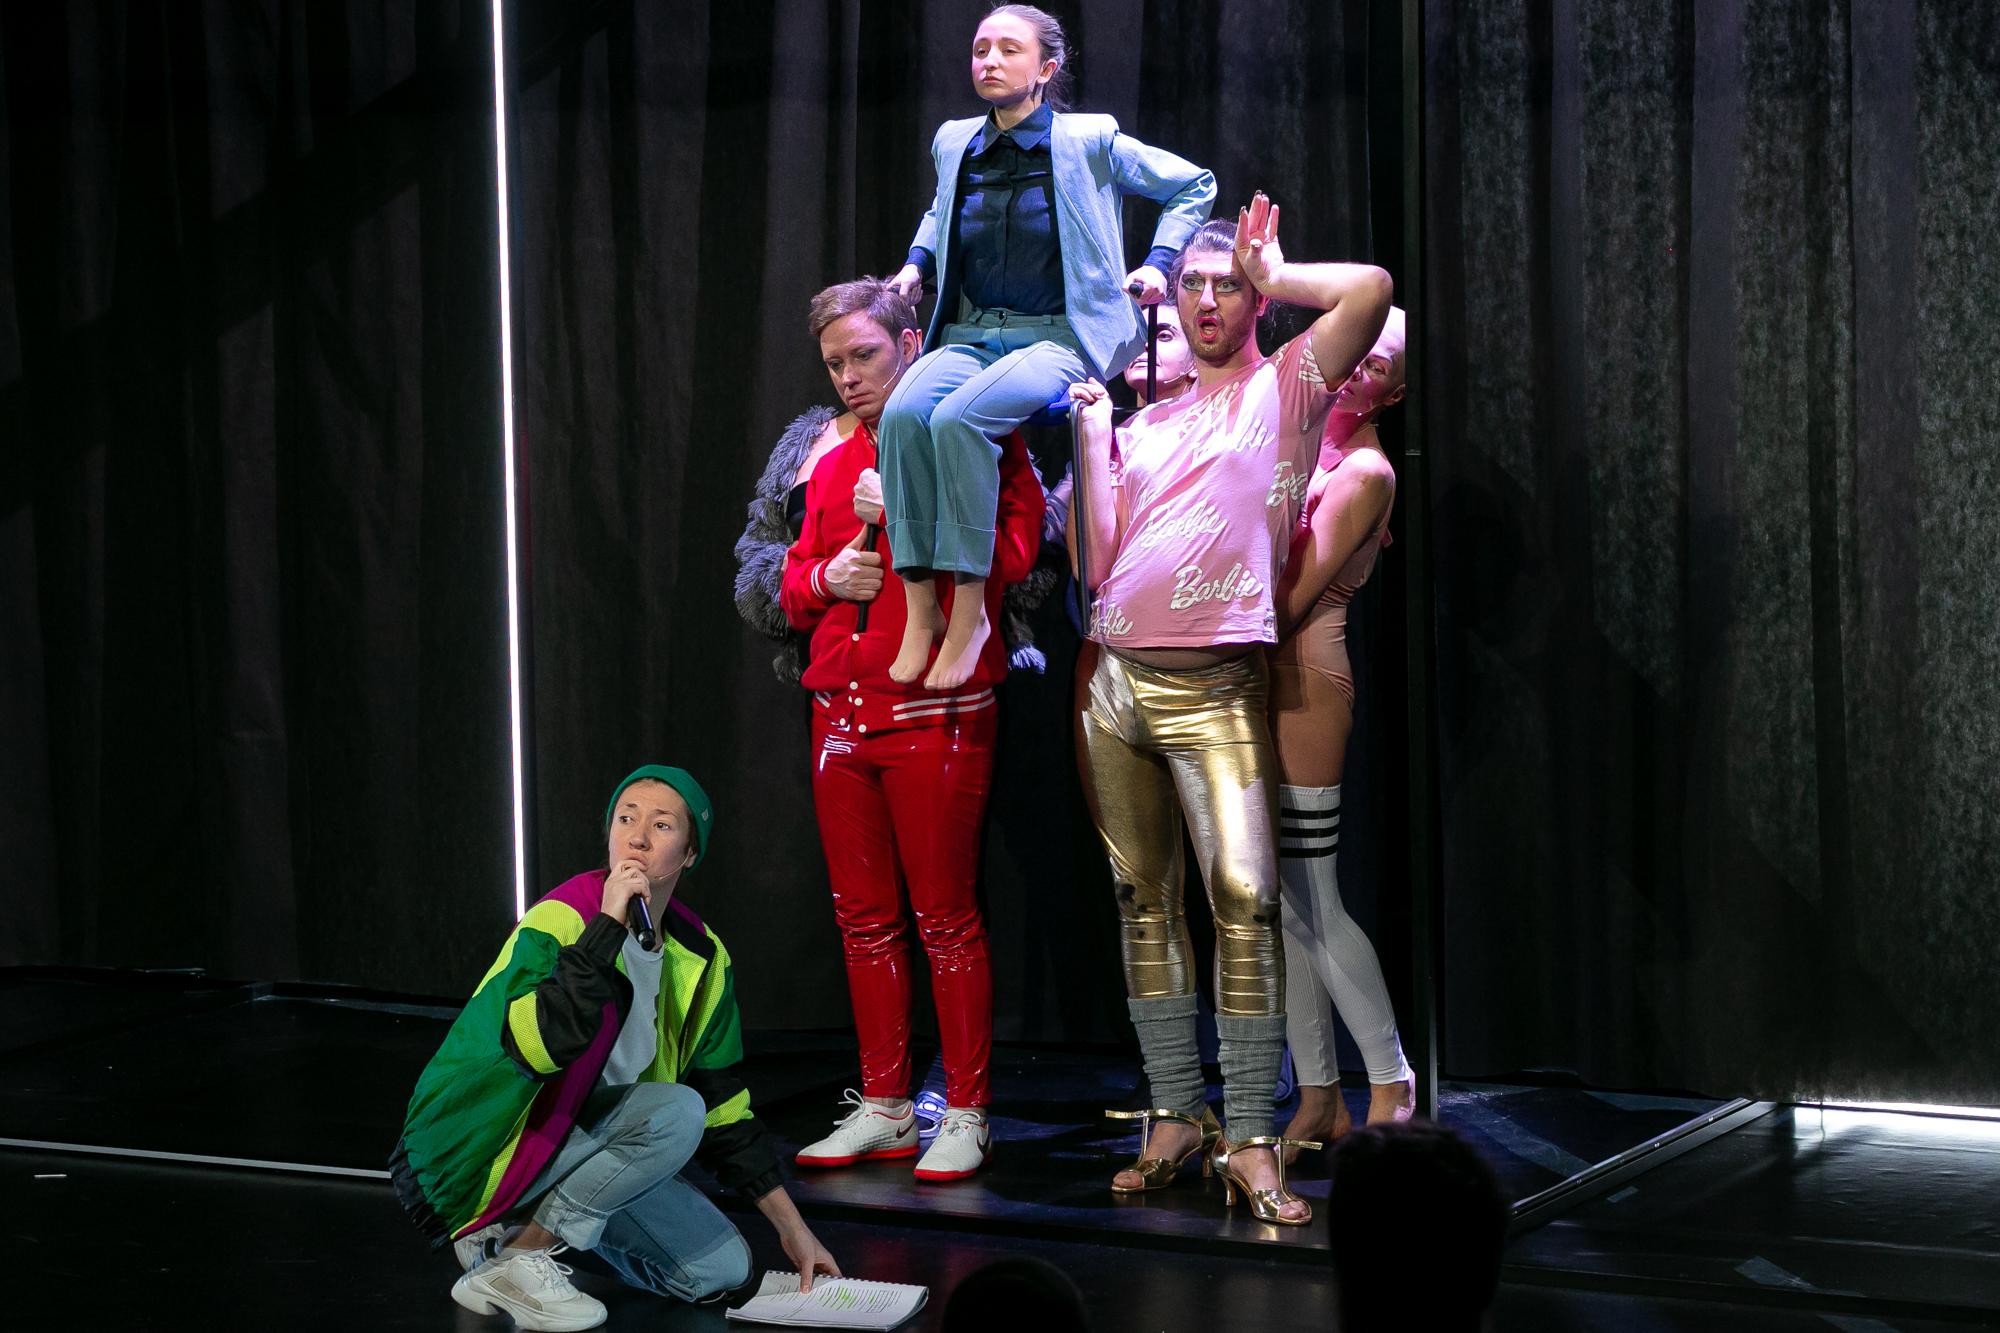 Na tle czarnej kurtyny, obok pionowej, jaskrawej świetlówki, stoi grupa drag queens, trzymając na ramionach siedzacego Konrada Konrada. U ich stó siedzi na podłodze Reżyser - kobieta w zielonej czapce z dzianiny, kolorowej bluzie, dżinsach i białych adidasach, trzymająca tekst sztuki.